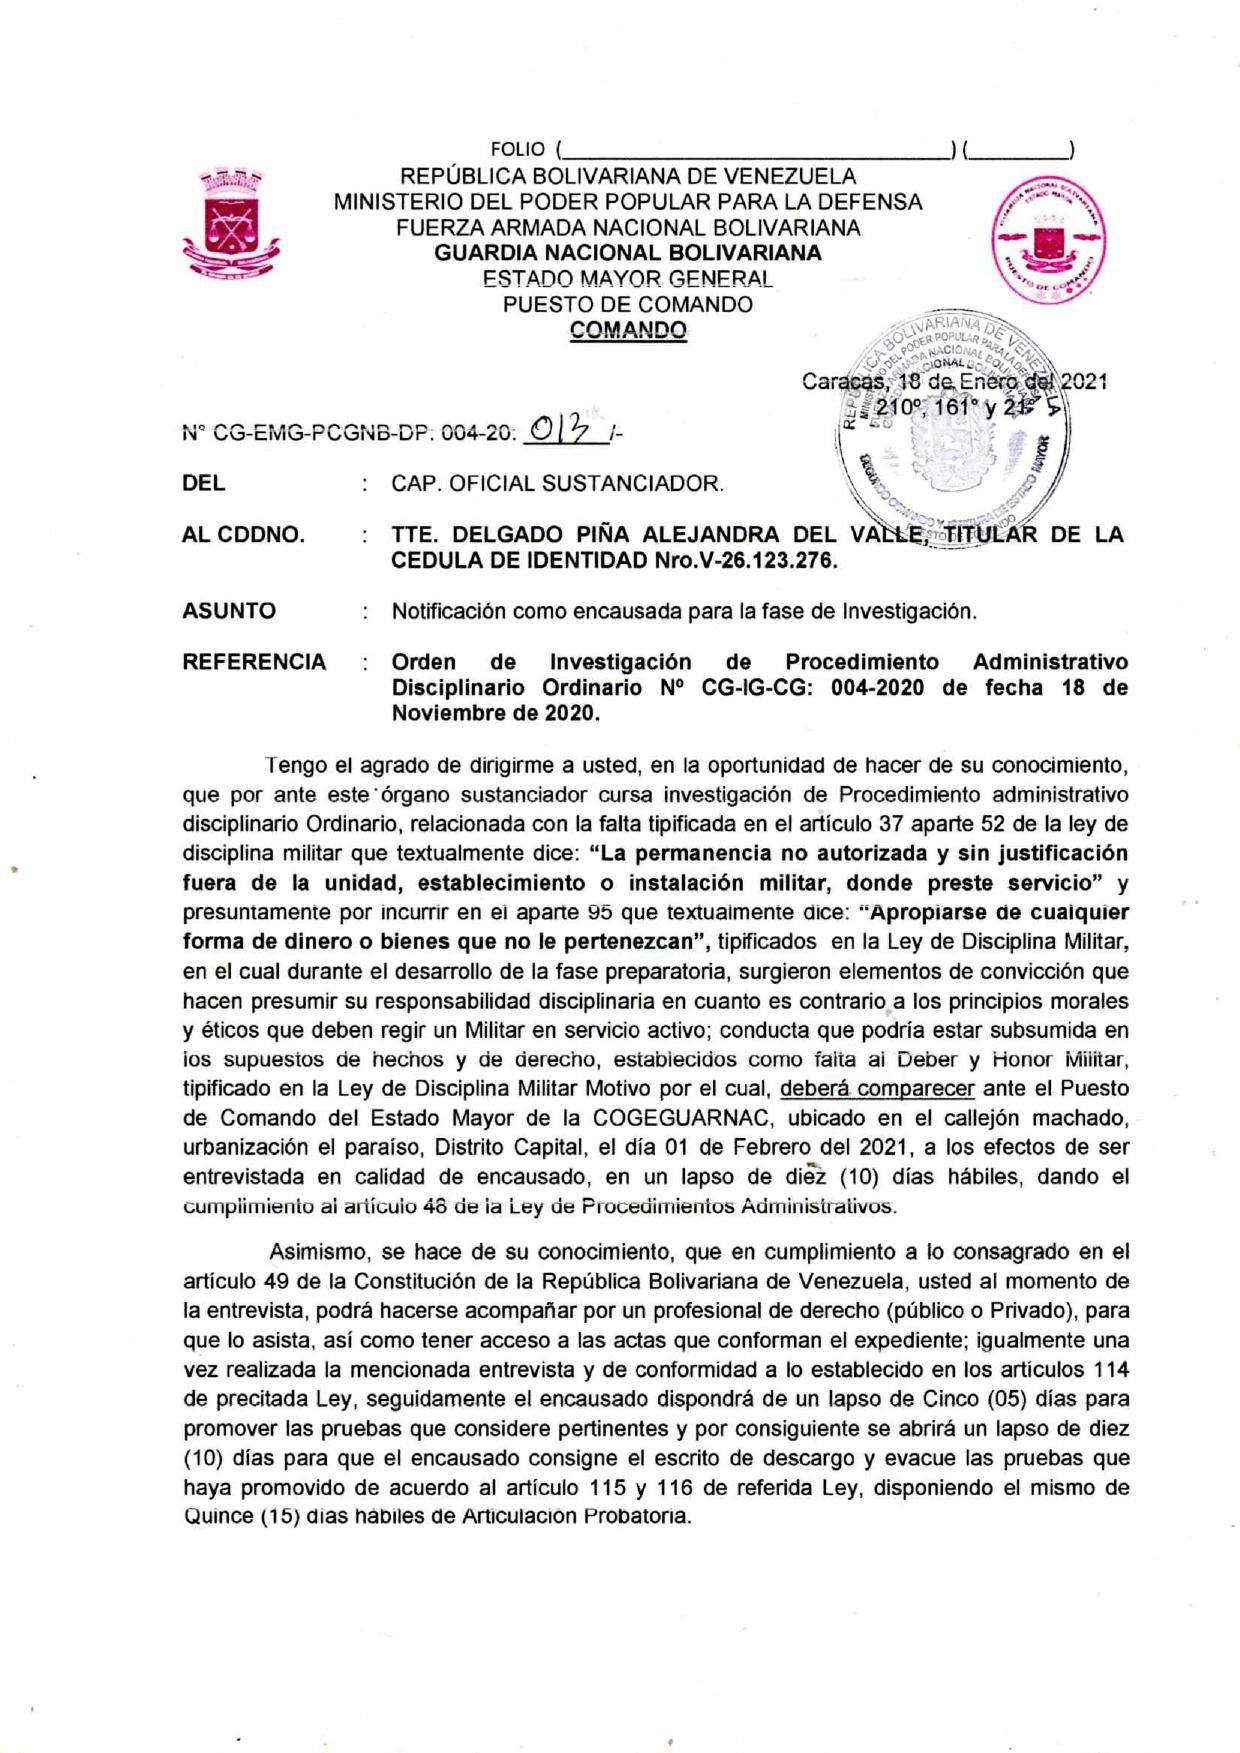 NOTIFICACIÒN DE ENCAUSADA TTE. DELGADO PIÑA ALEJANDRA 18 DE ENERO 2021_page-0001